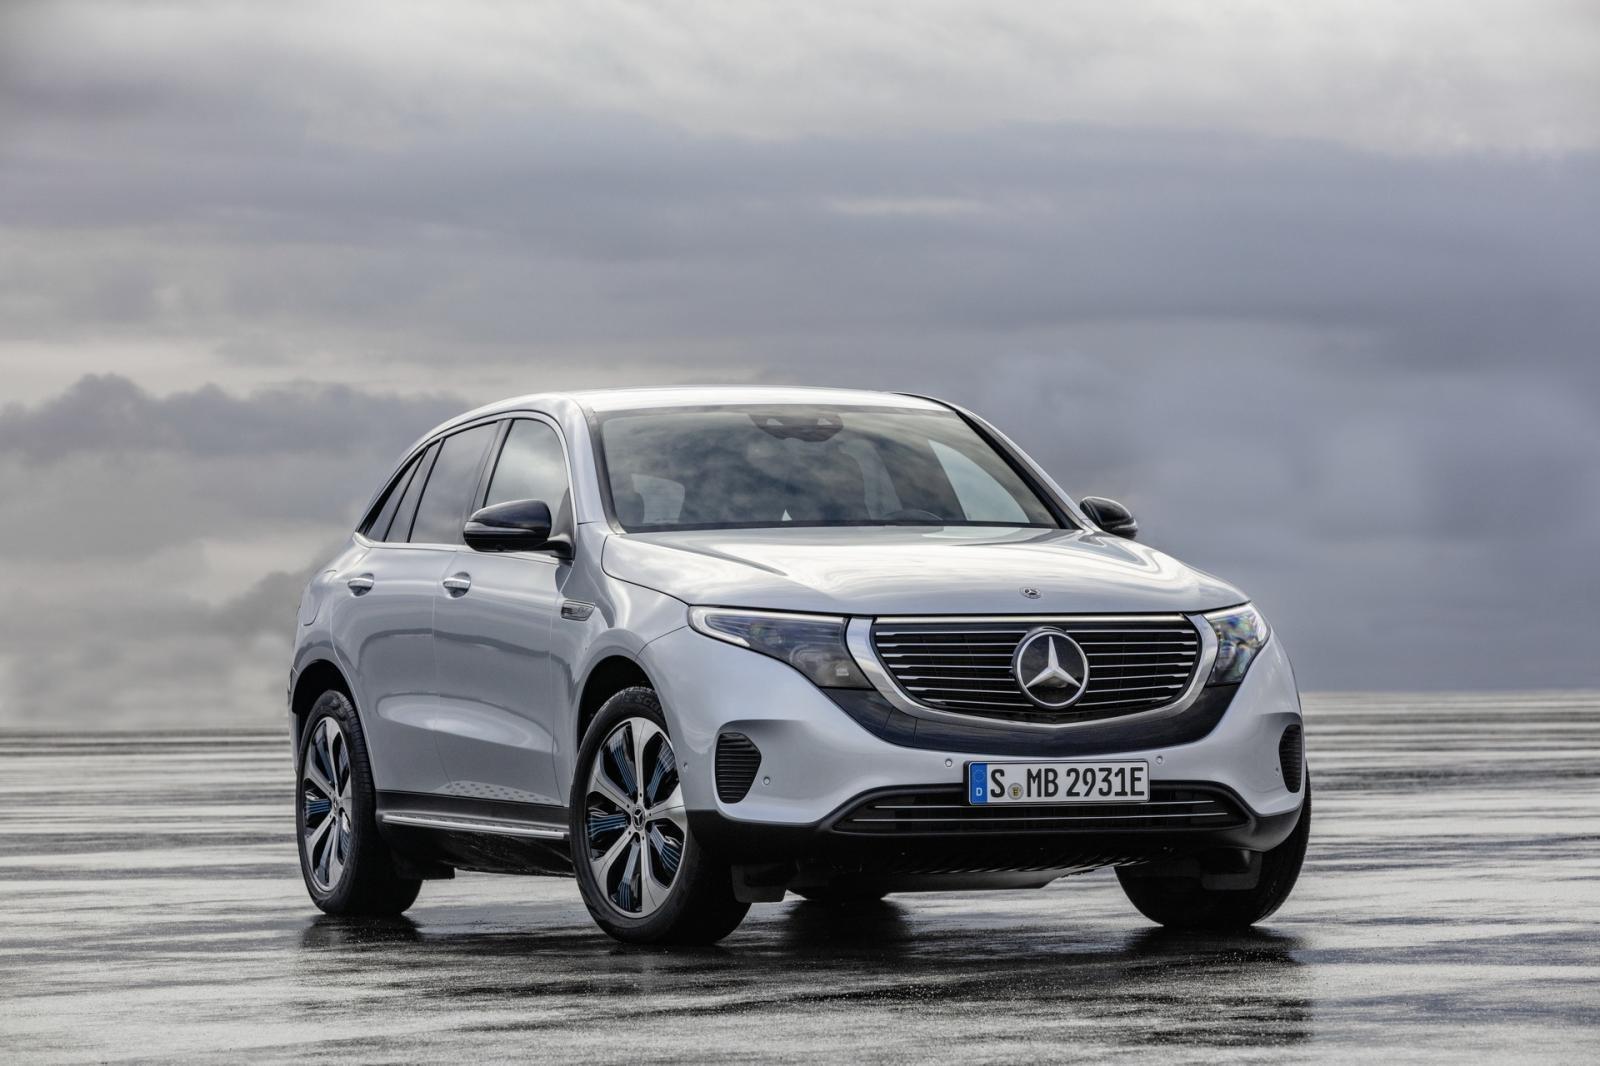 Mercedes giới thiệu thêm các mẫu xe mới giá rẻ sắp tới.